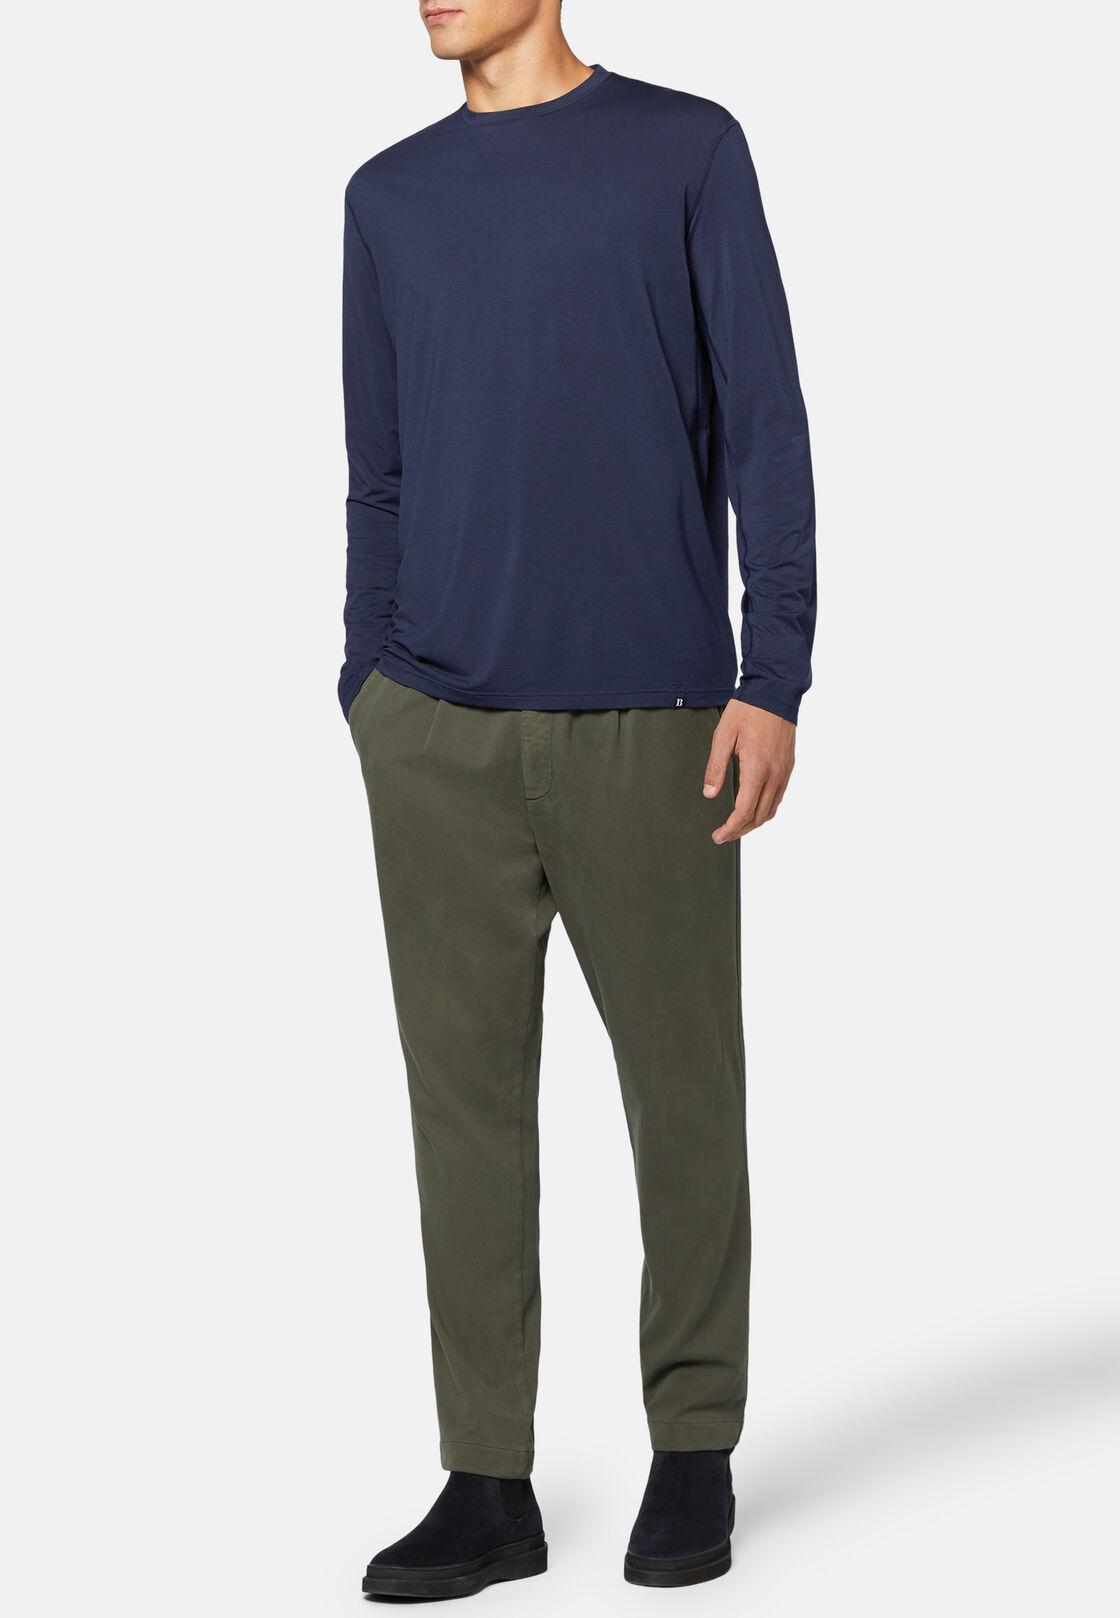 T-shirt aus elastischem modal carbon lange ärmel, Navy blau, hi-res